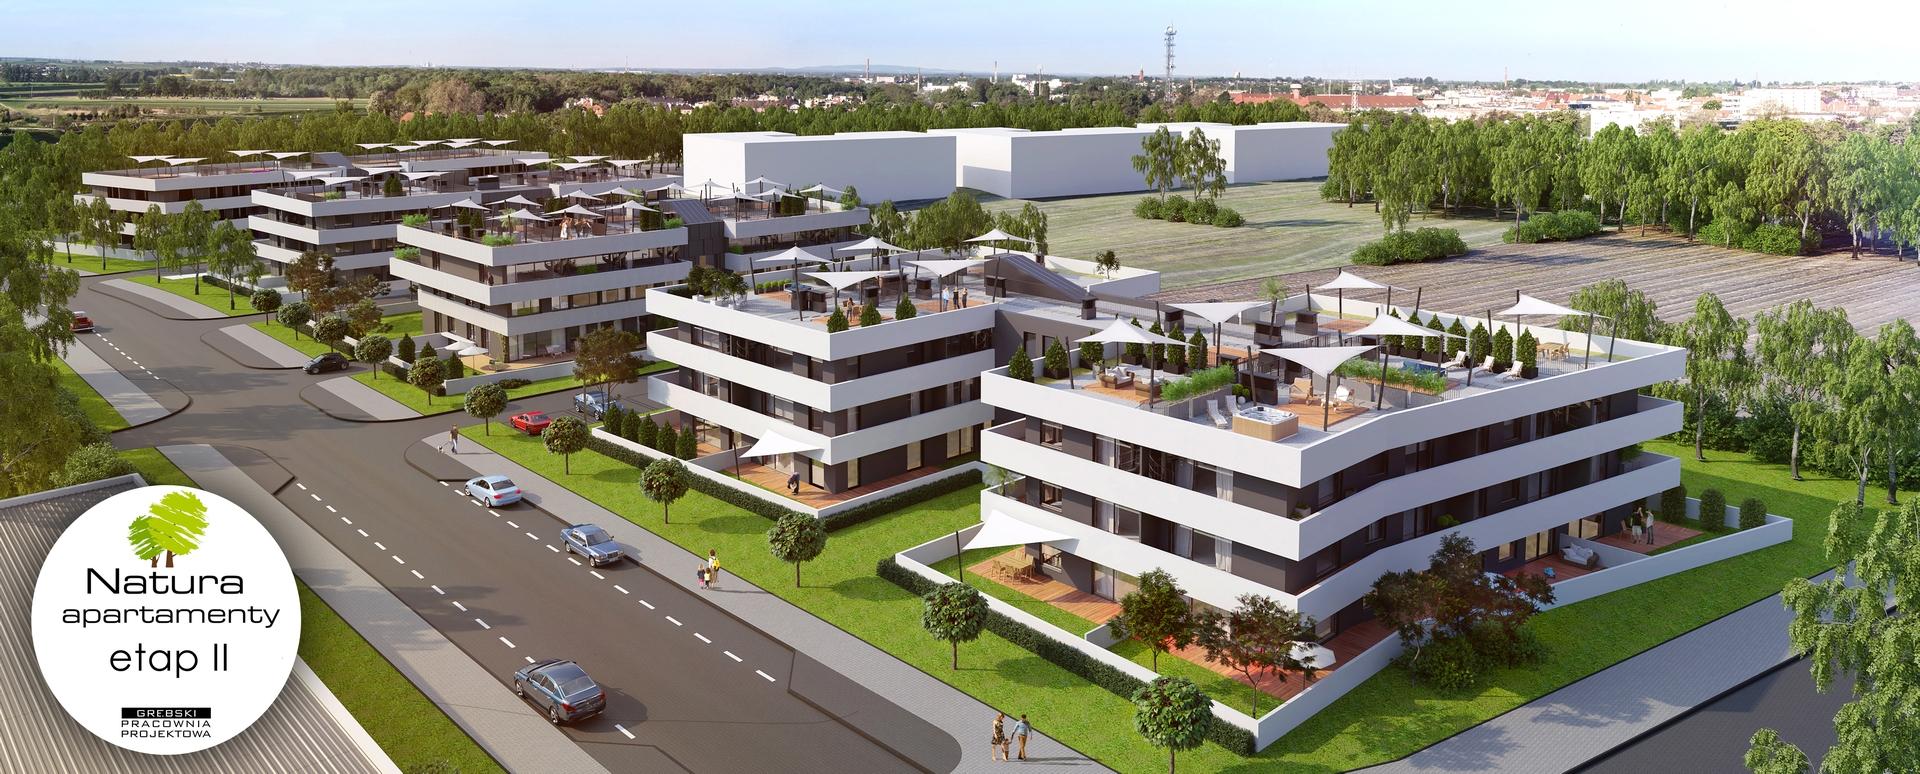 Apartamenty Natura - Wizualizacja Panoramy Osiedla